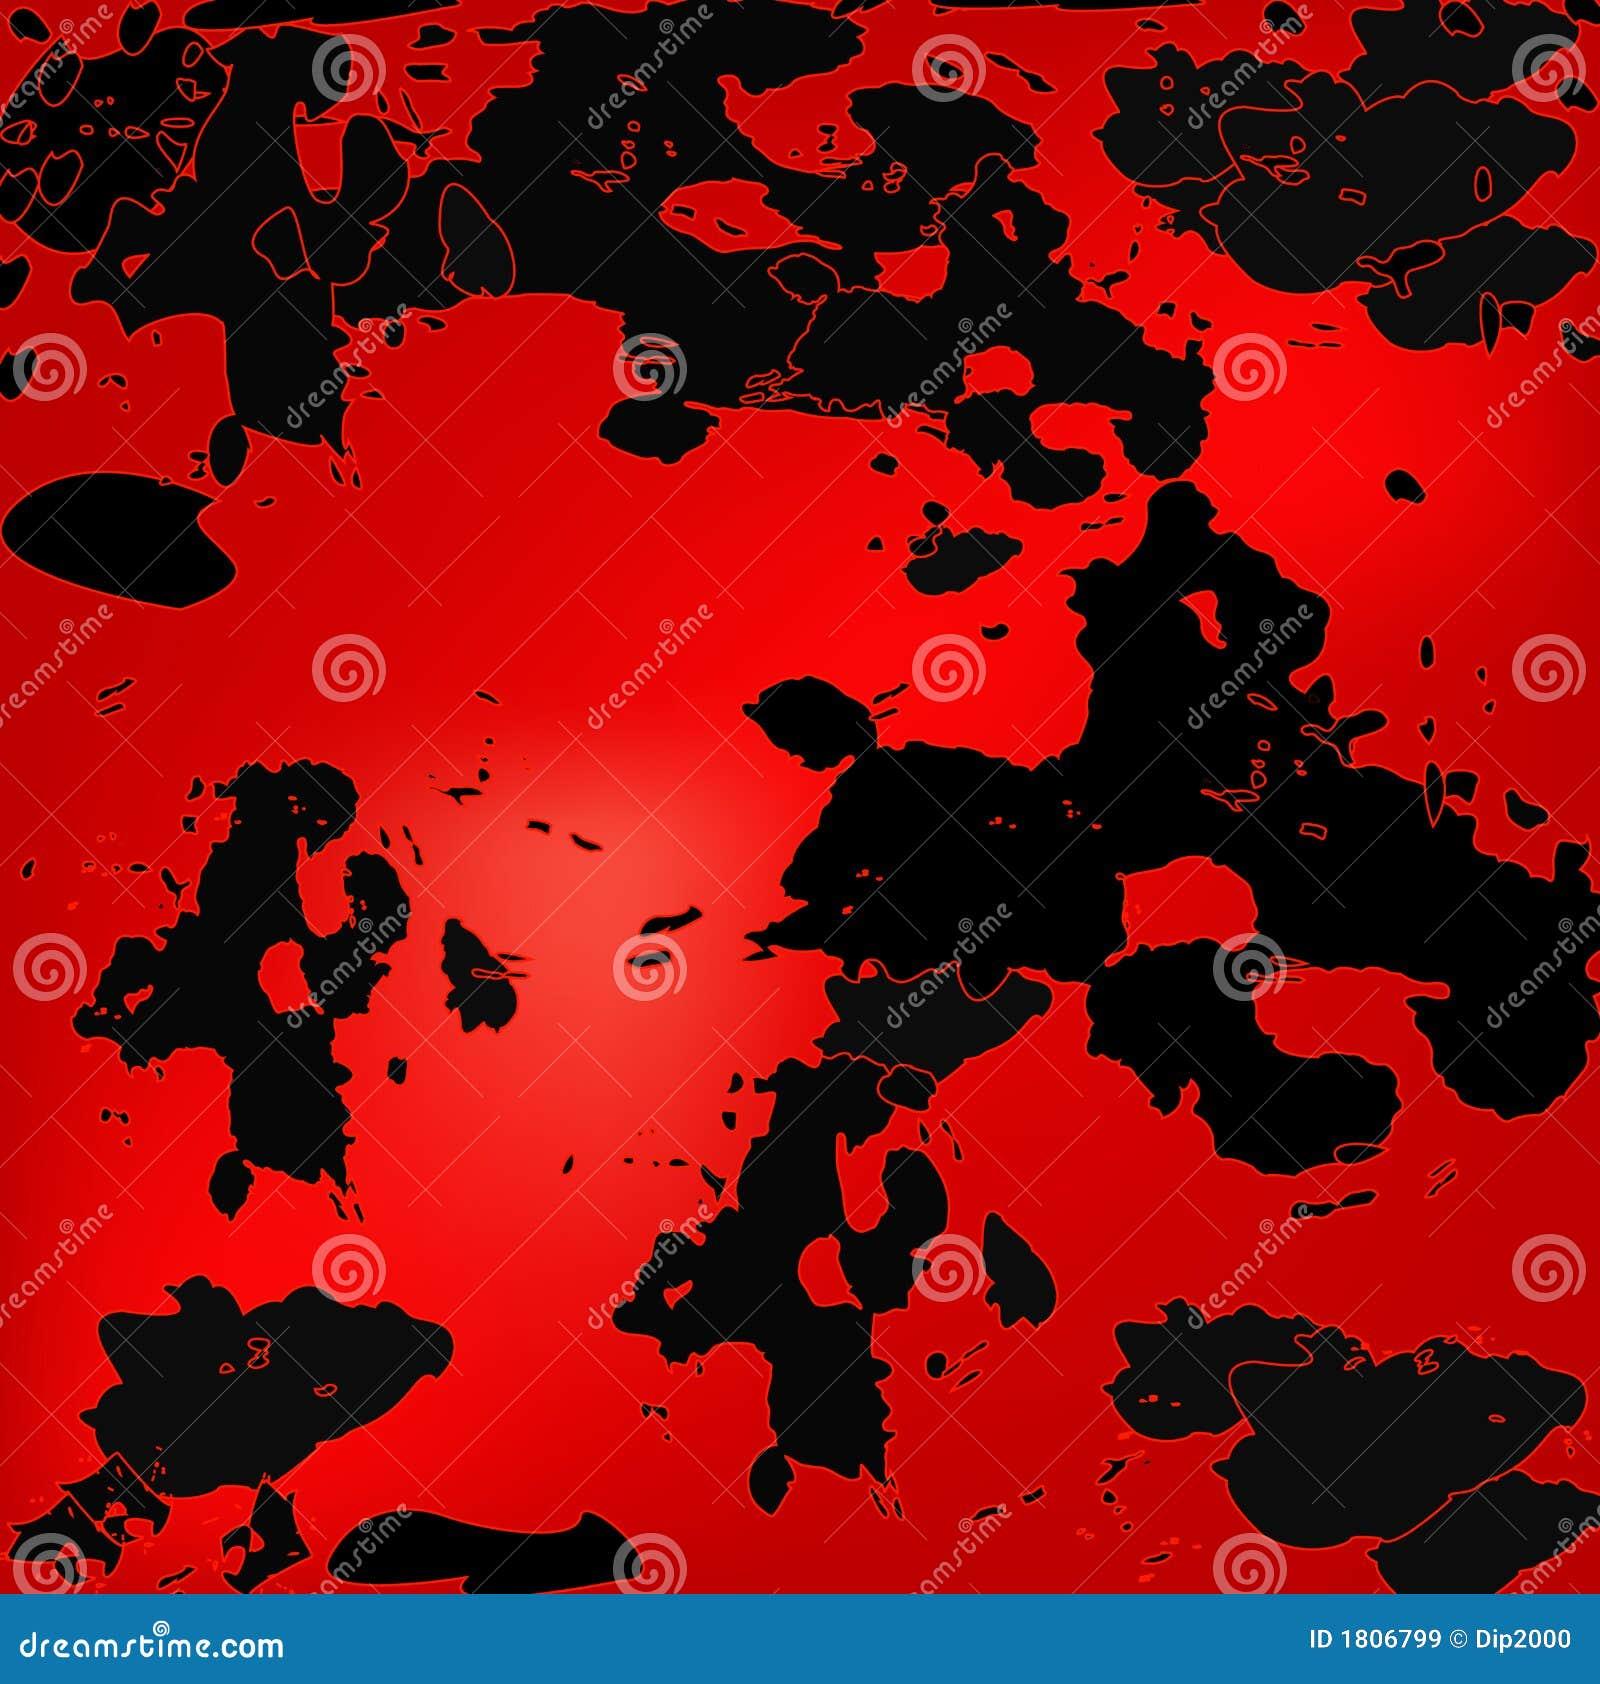 black and red grunge design royalty free stock images image 1806799. Black Bedroom Furniture Sets. Home Design Ideas